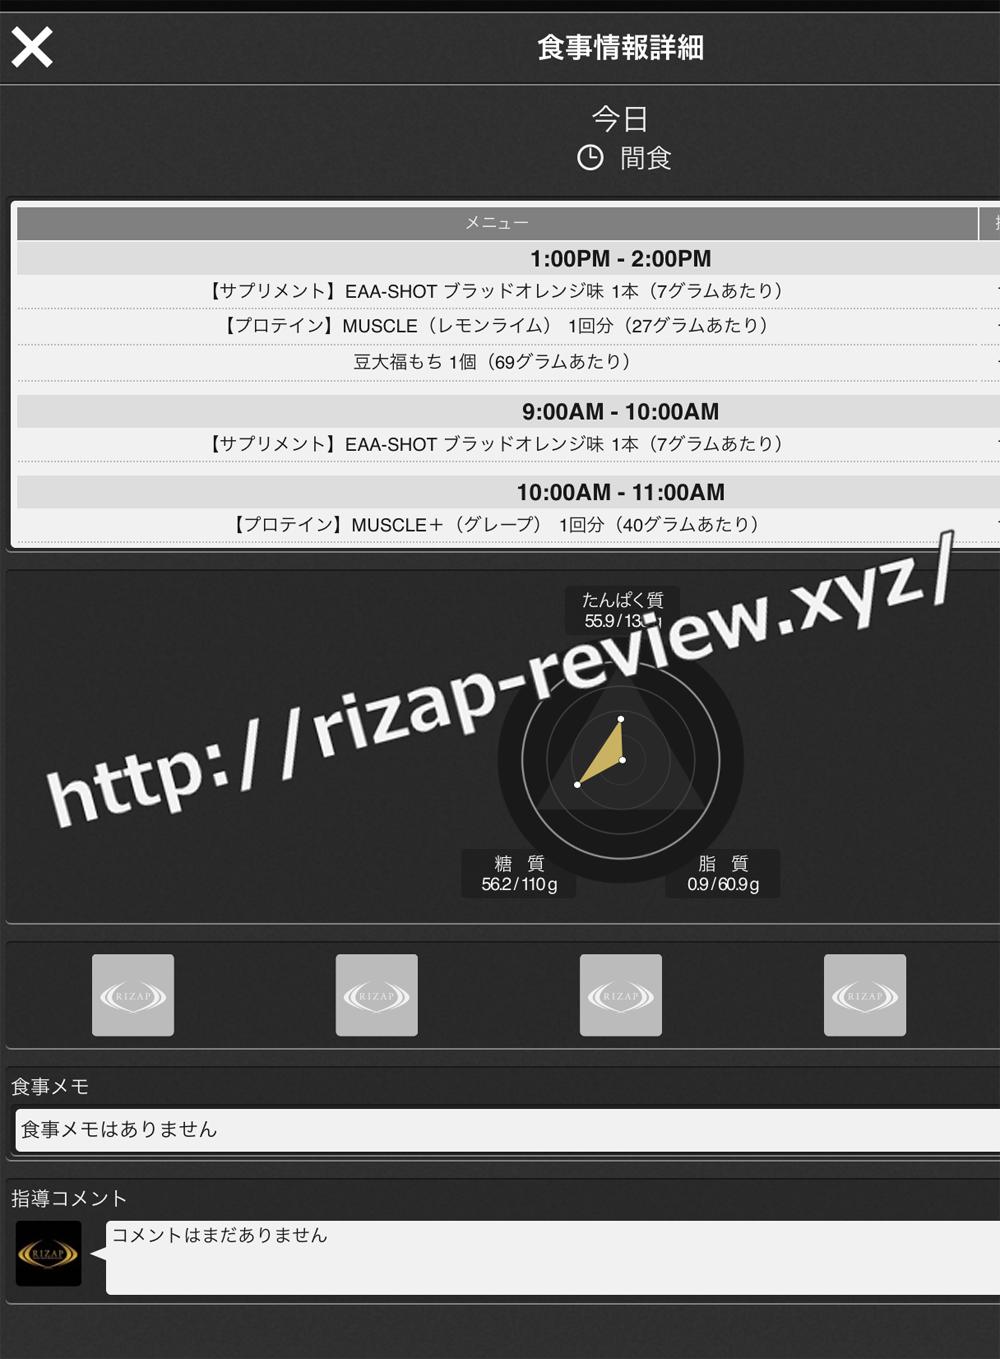 2018.11.18(日)ライザップ流の間食